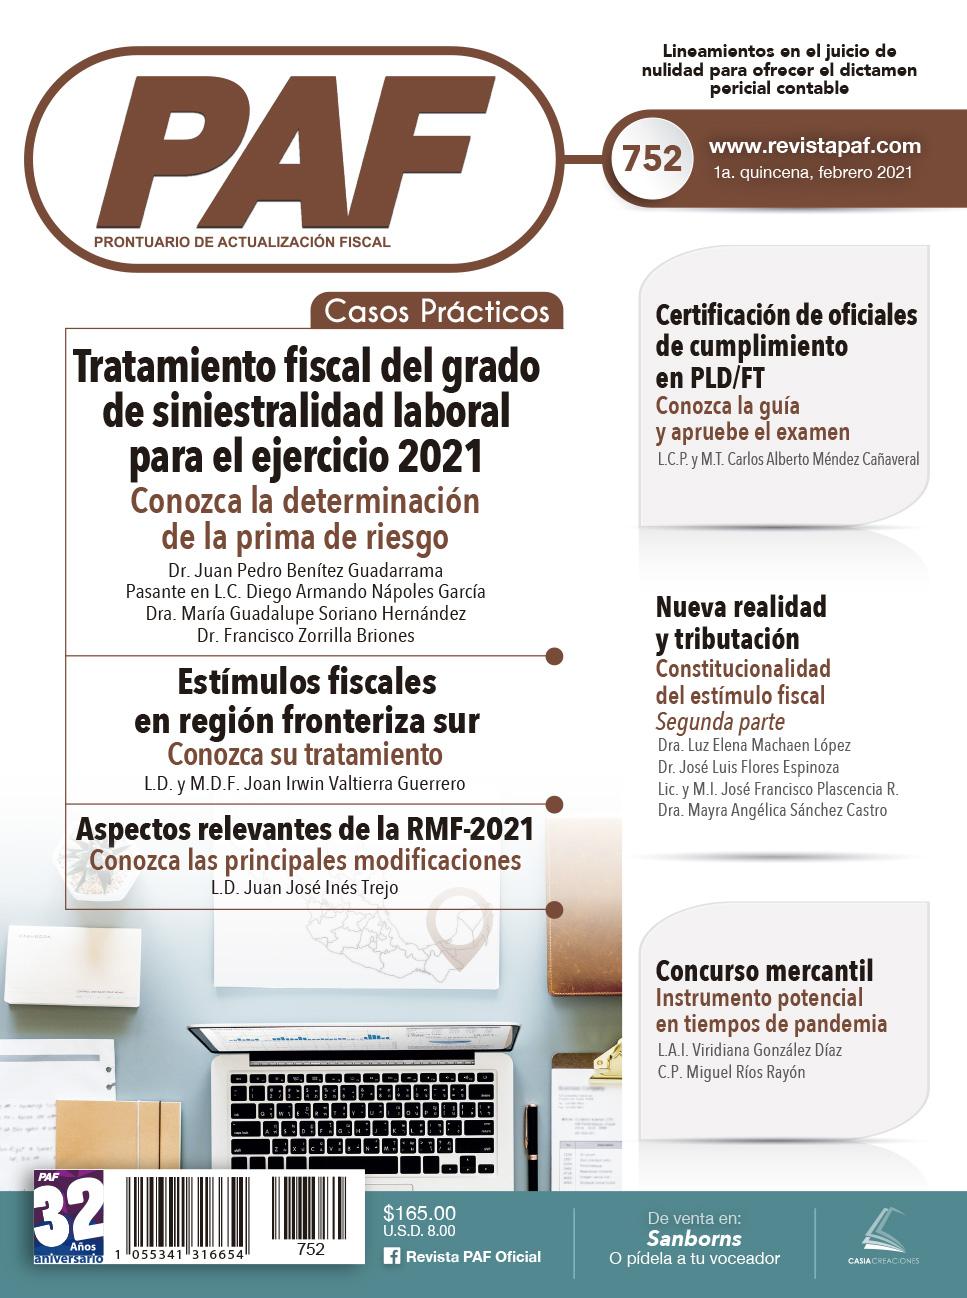 Prima de riesgo 2021 - Estímulos fiscales